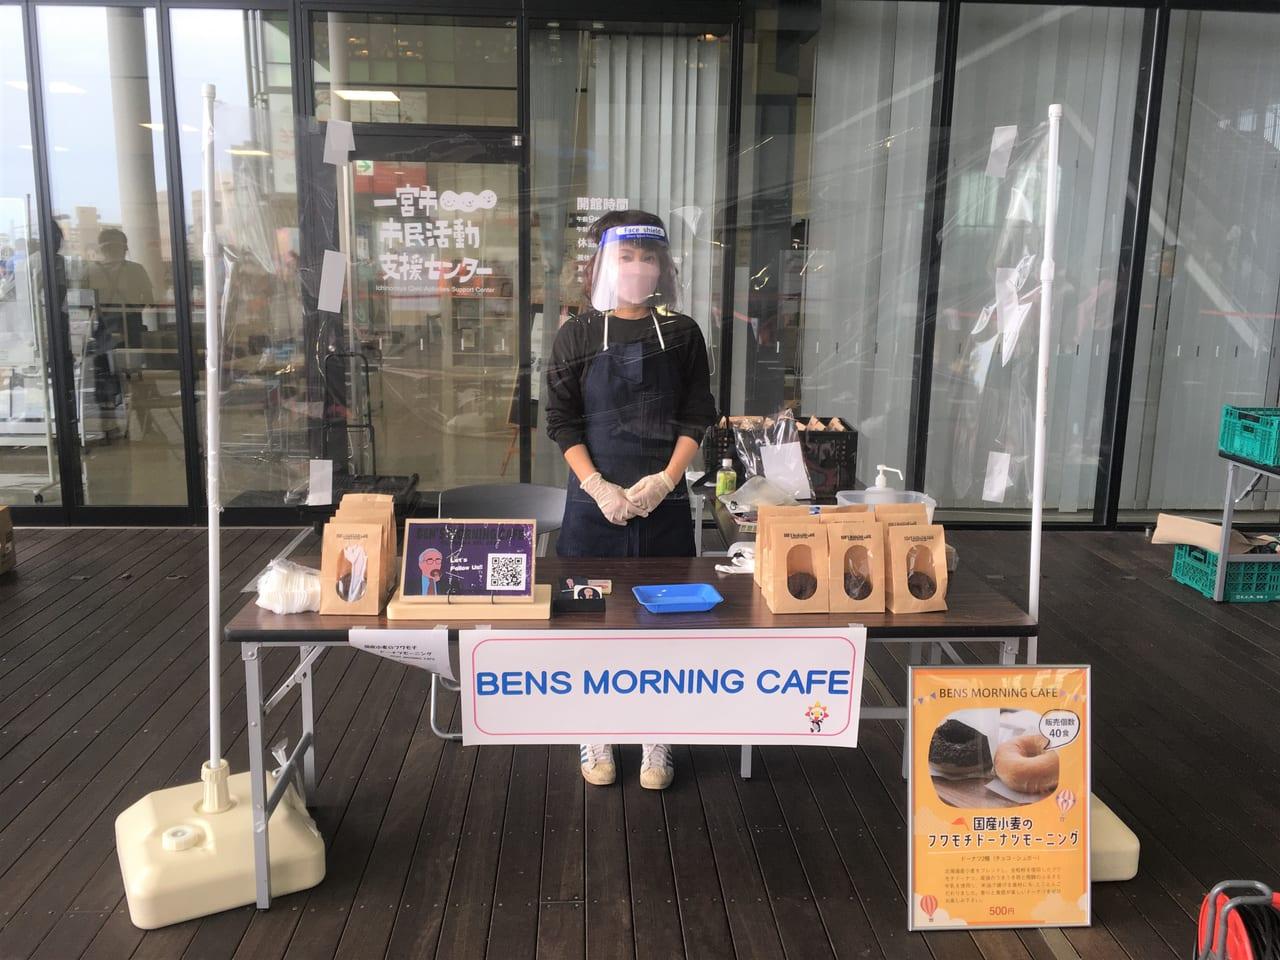 テイクアウトモーニンググランプリハイブリッド2021 BEN'S MORNING CAFEさん